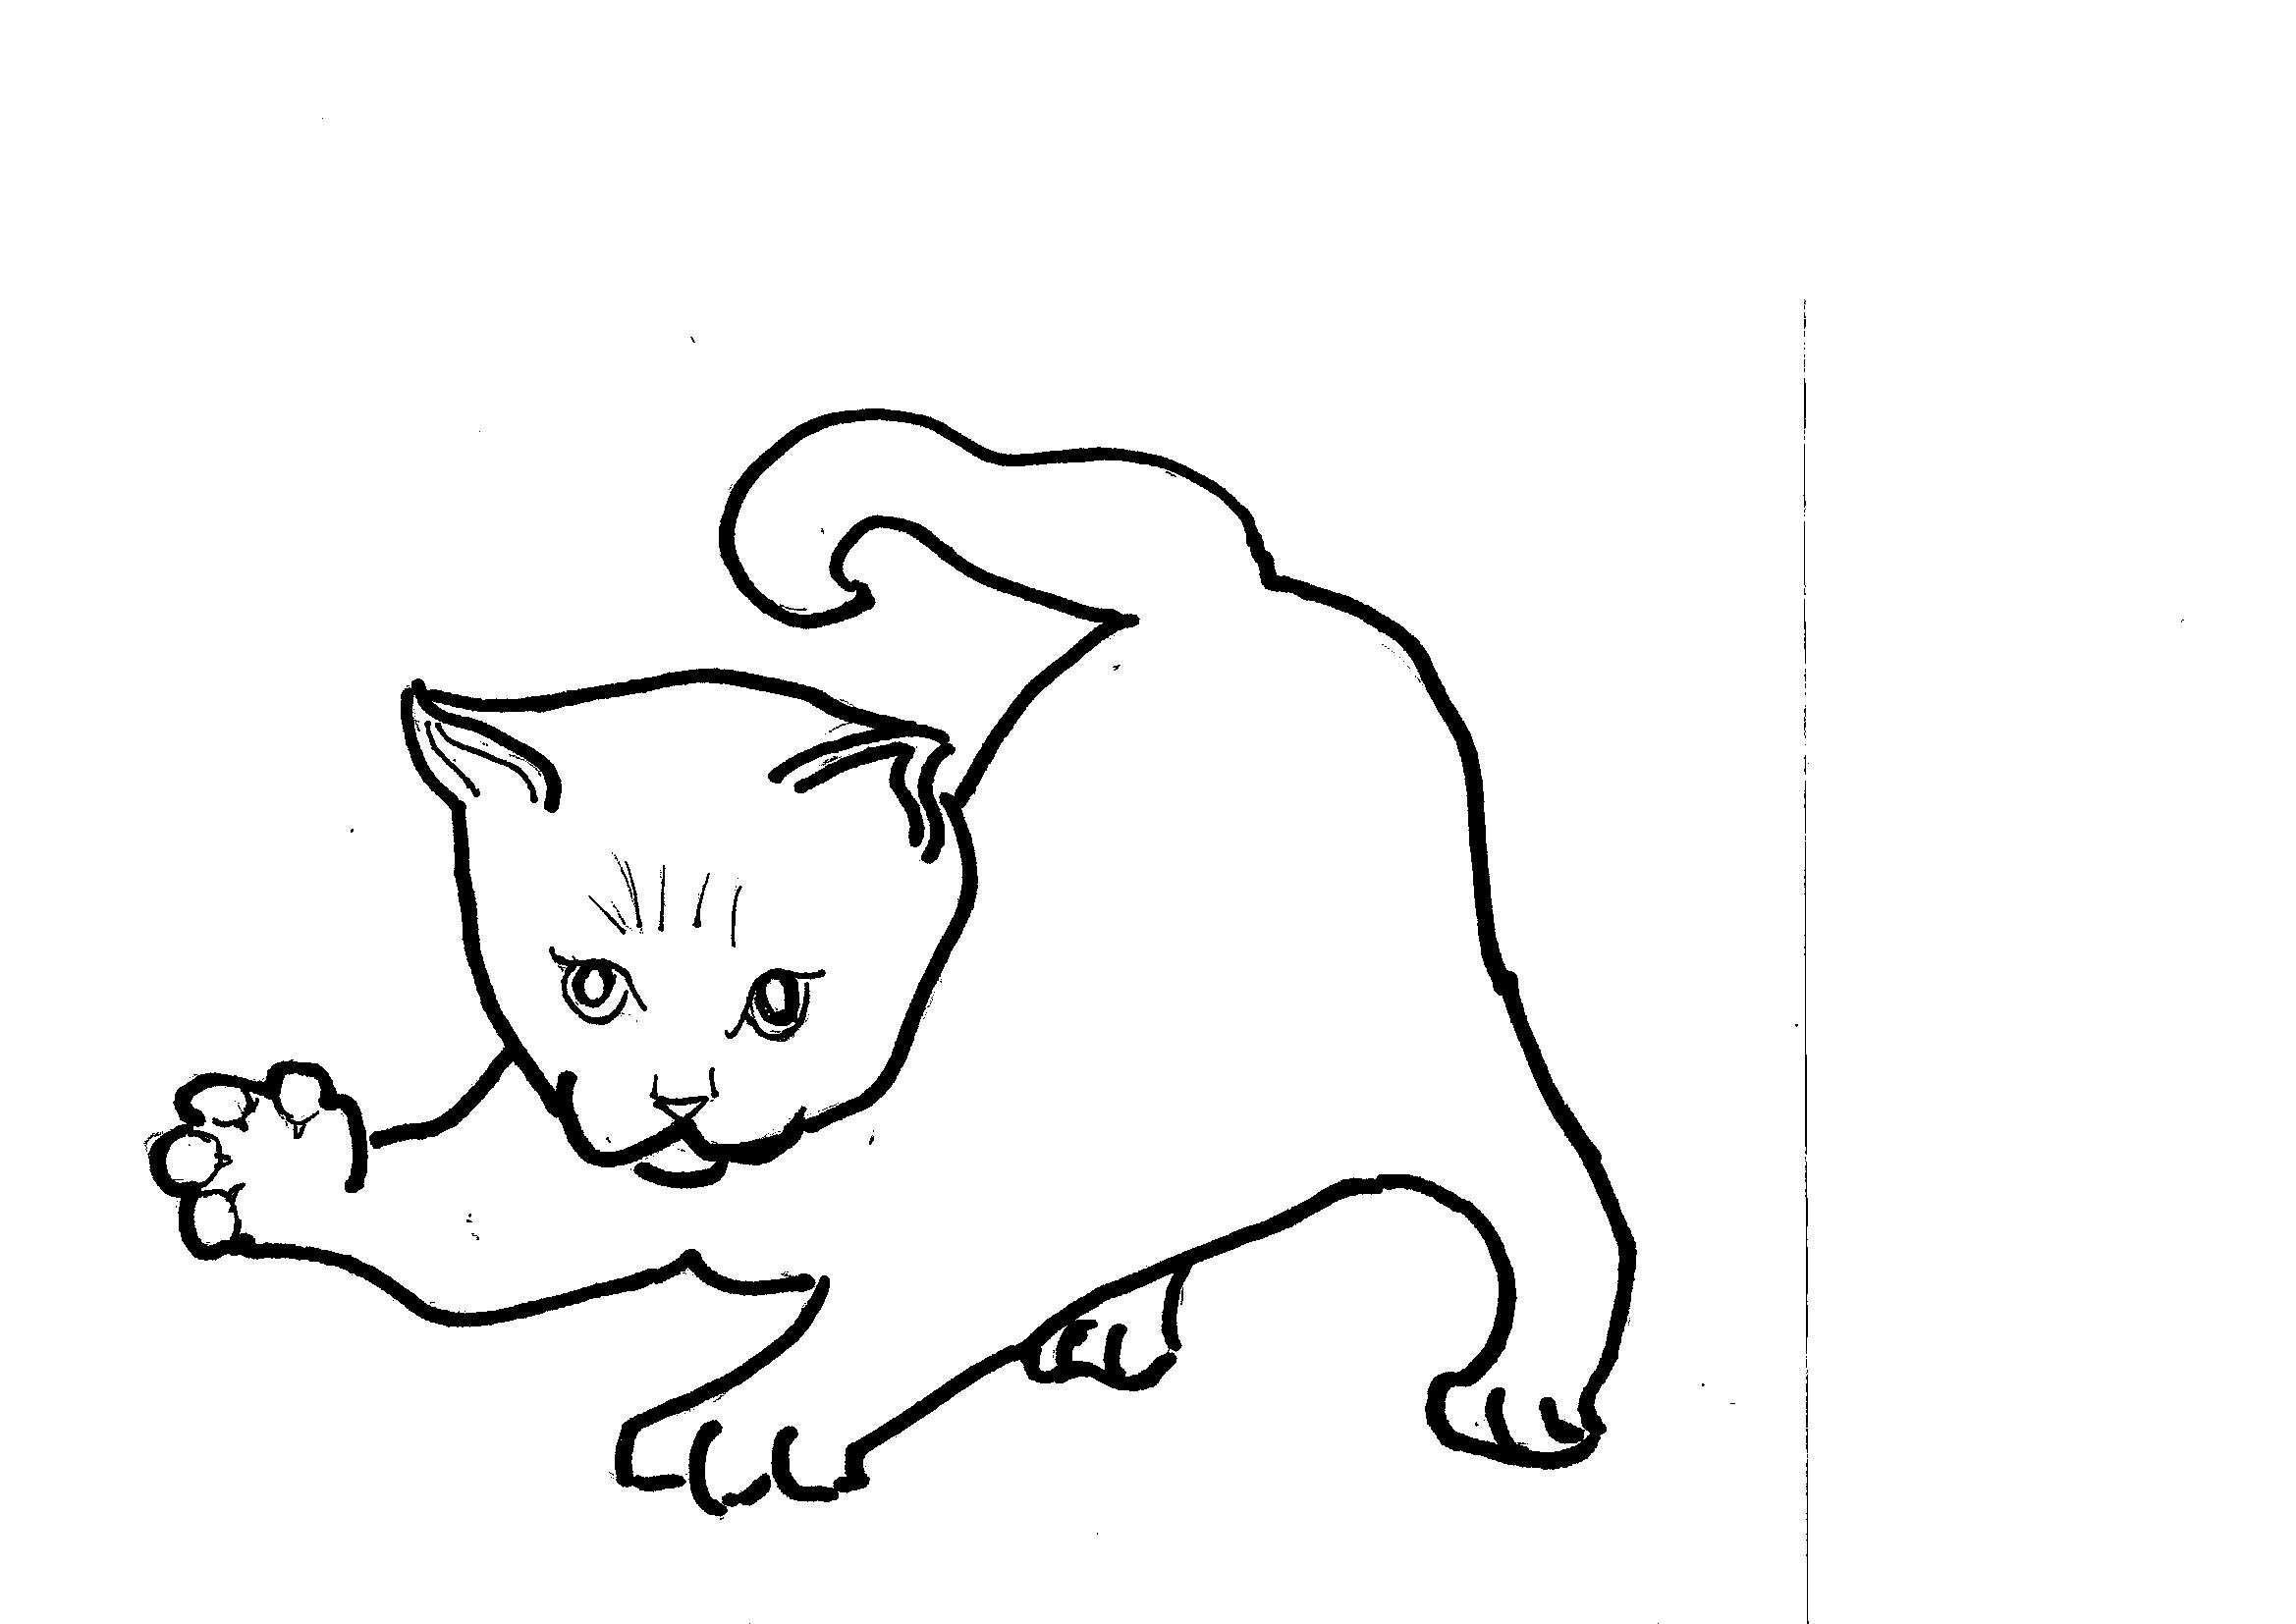 Disegni da colorare bambini i gattino - Gatto disegno modello di gatto ...